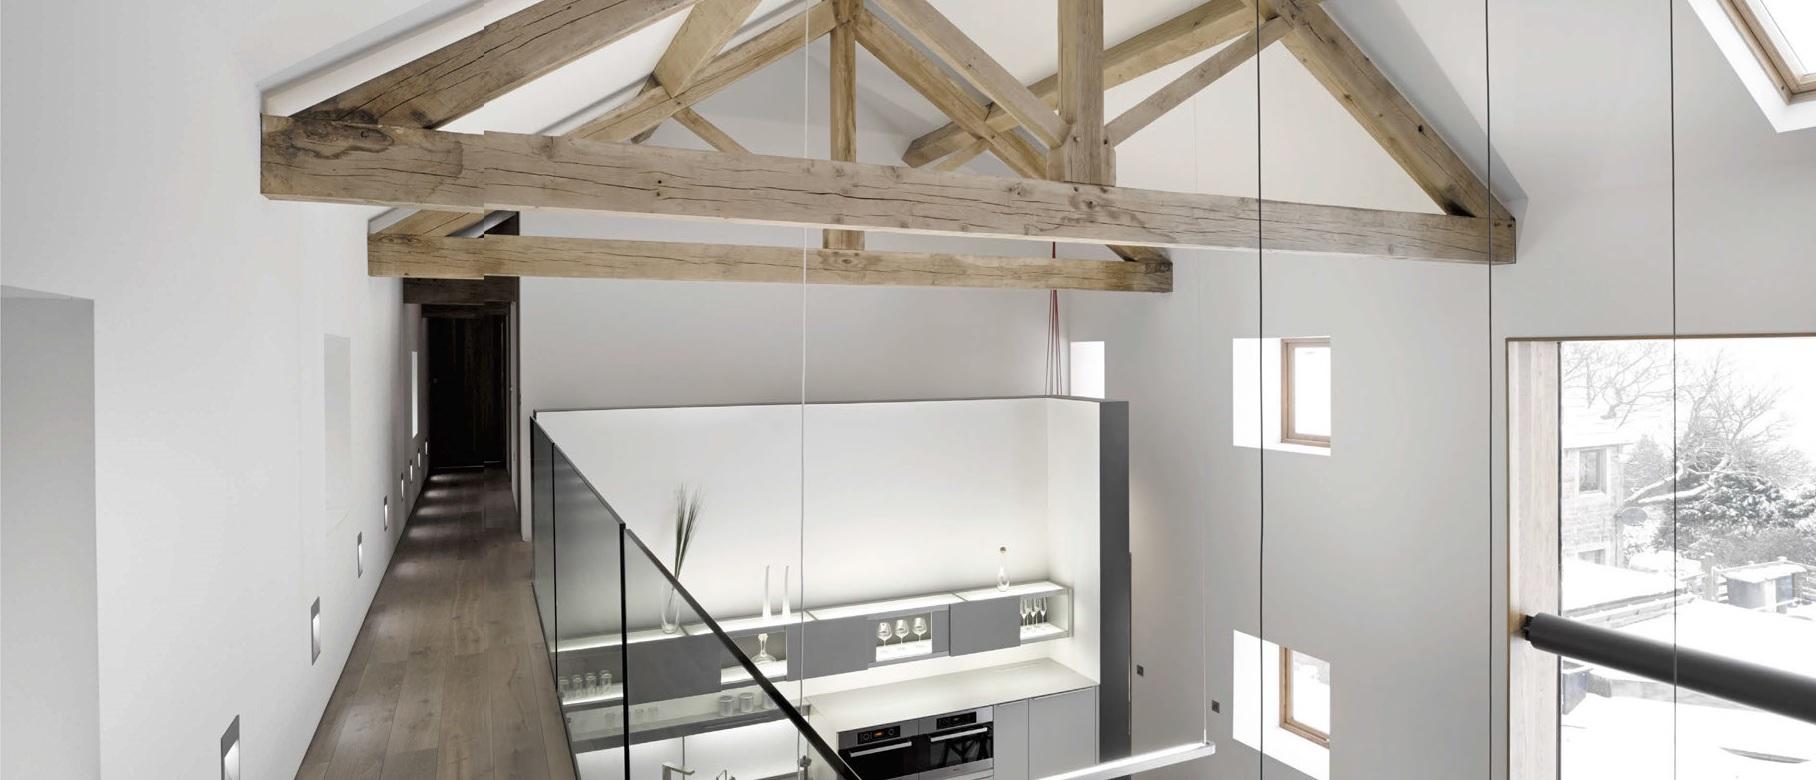 Una cucina a due piani in fienile ristrutturato ville casali for Piccoli piani casa moderna casetta